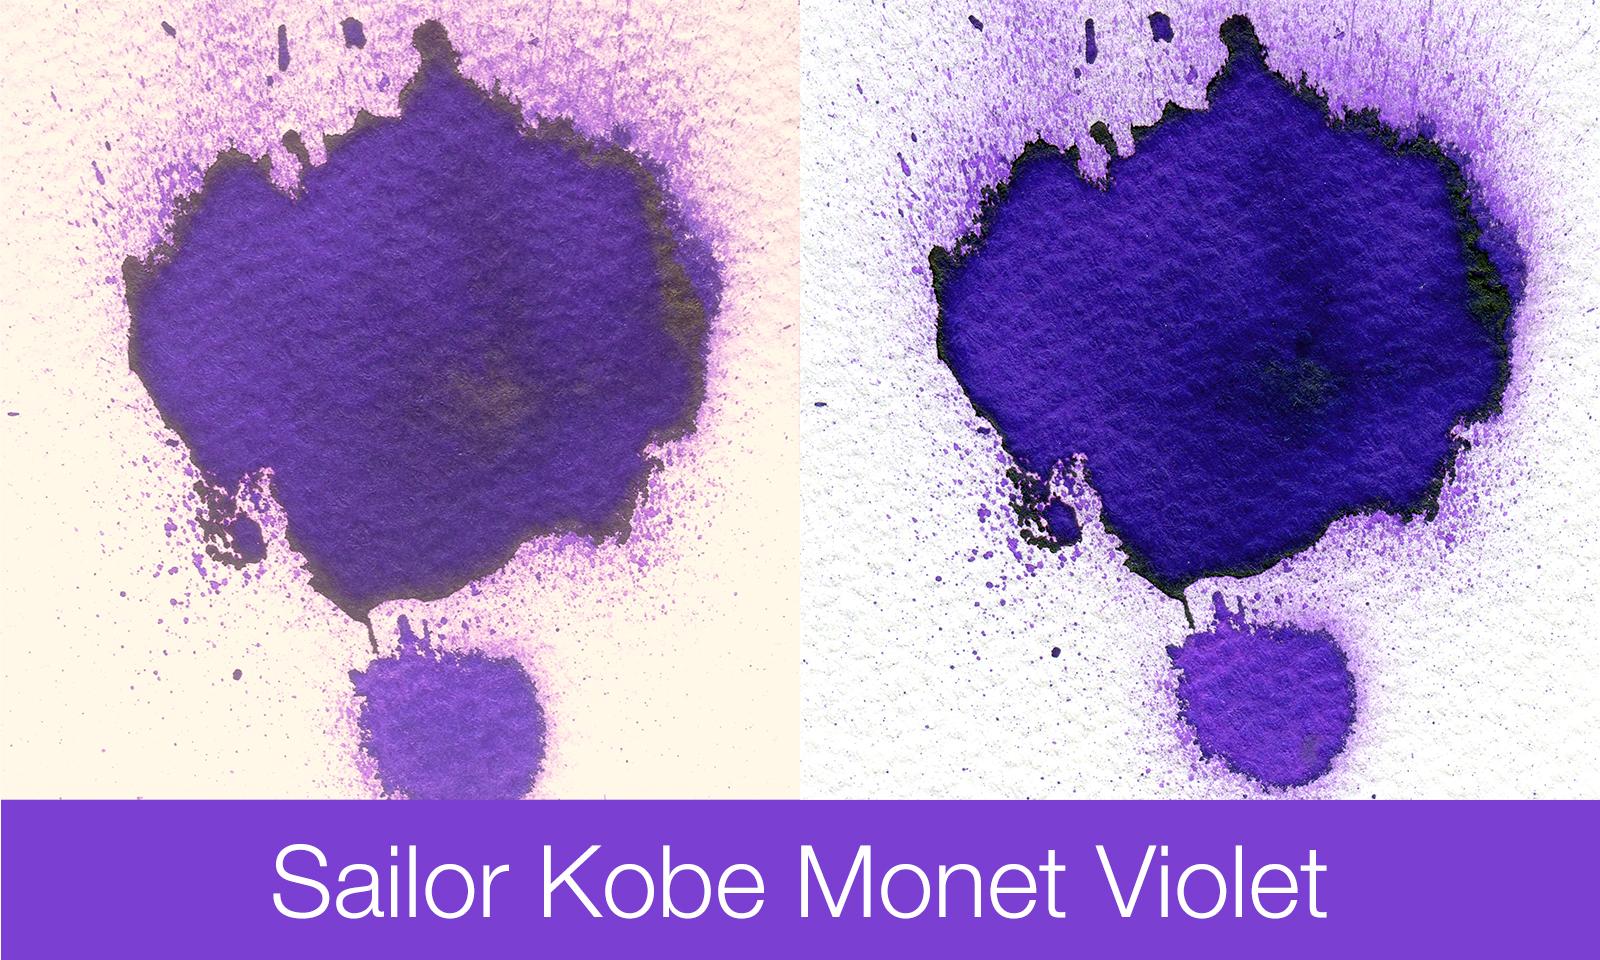 fpn_1551719366__kobe_monet-splash.jpg